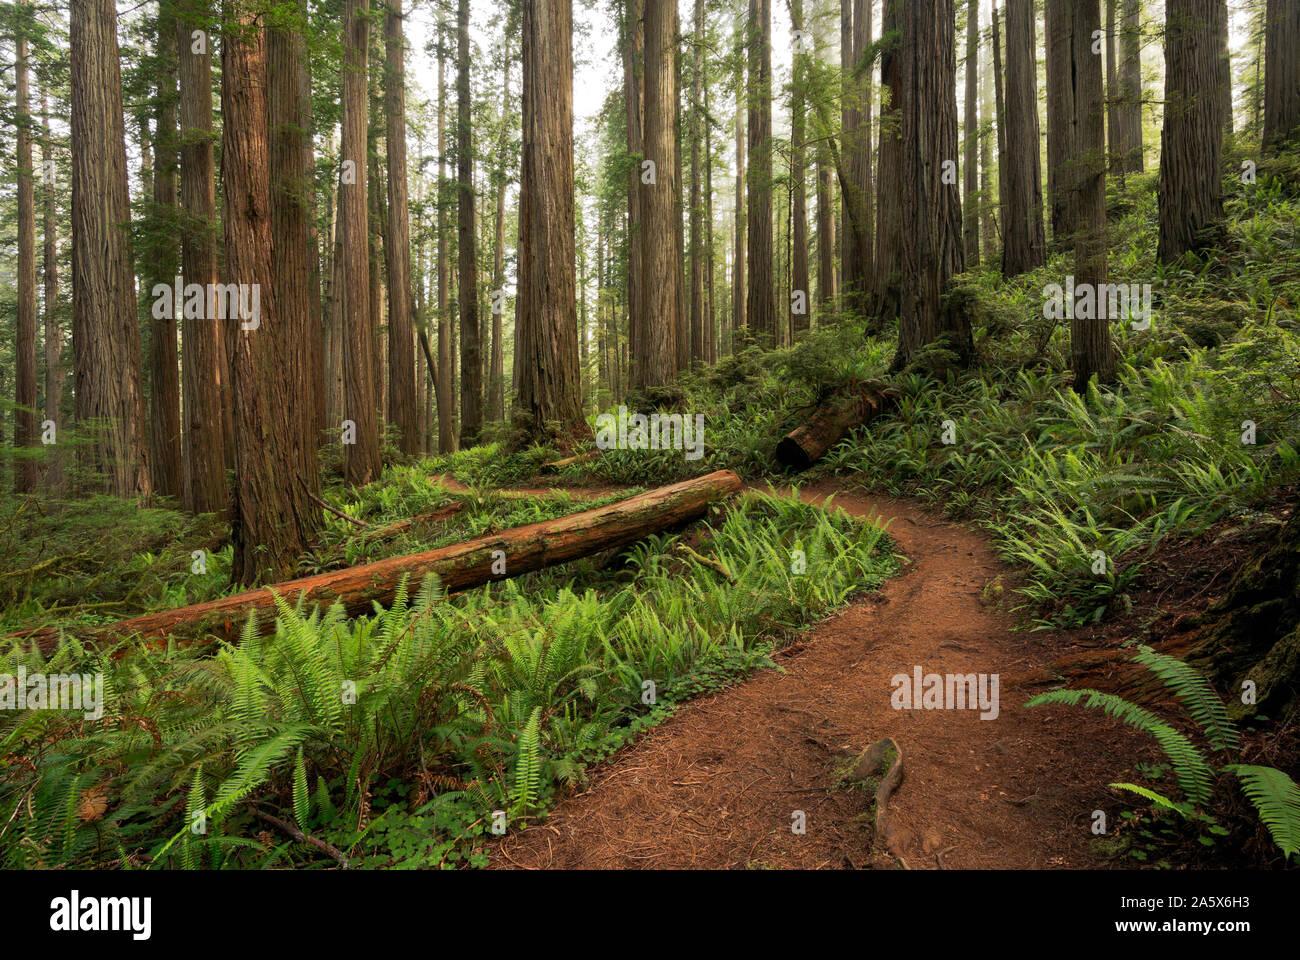 CA03765-00...CALIFORNIA - Il Boy Scout sentiero albero di avvolgimento attraverso una foresta di Redwood in Jedediah Smith Redwoods State Park; parte di Redwoods nazionale a Foto Stock